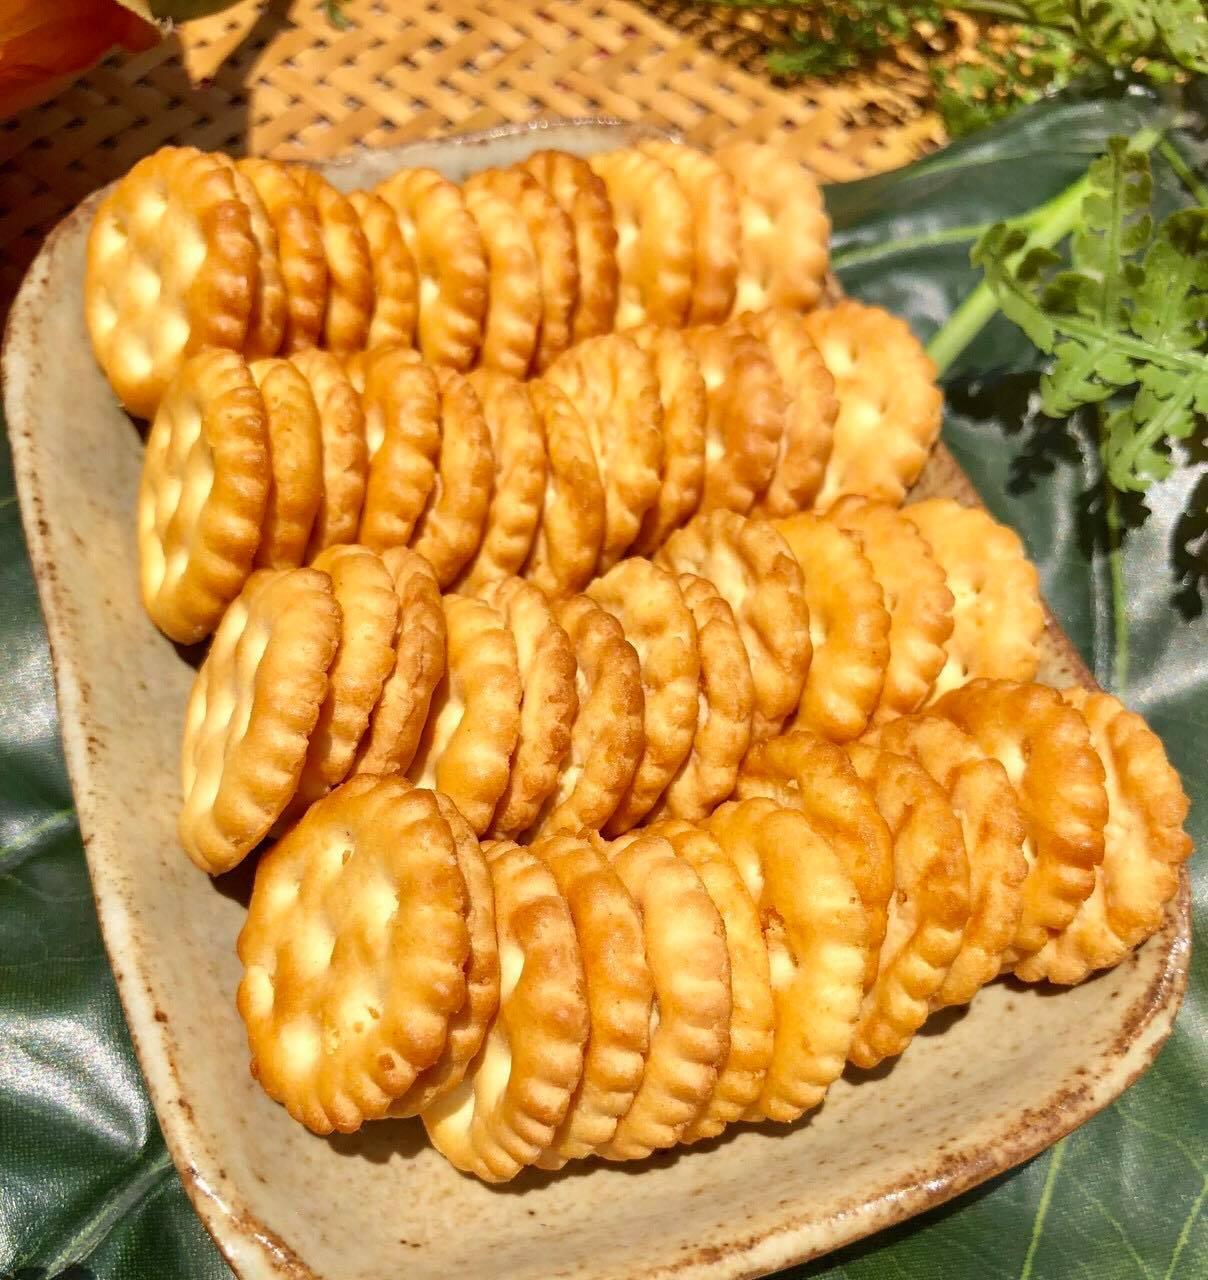 Bánh quy đồng tiền mặn ngọt 100g/200g/500g/1kg - bánh quy bơ sữa thơm ngon - ăn vặt - bách hóa uy tín